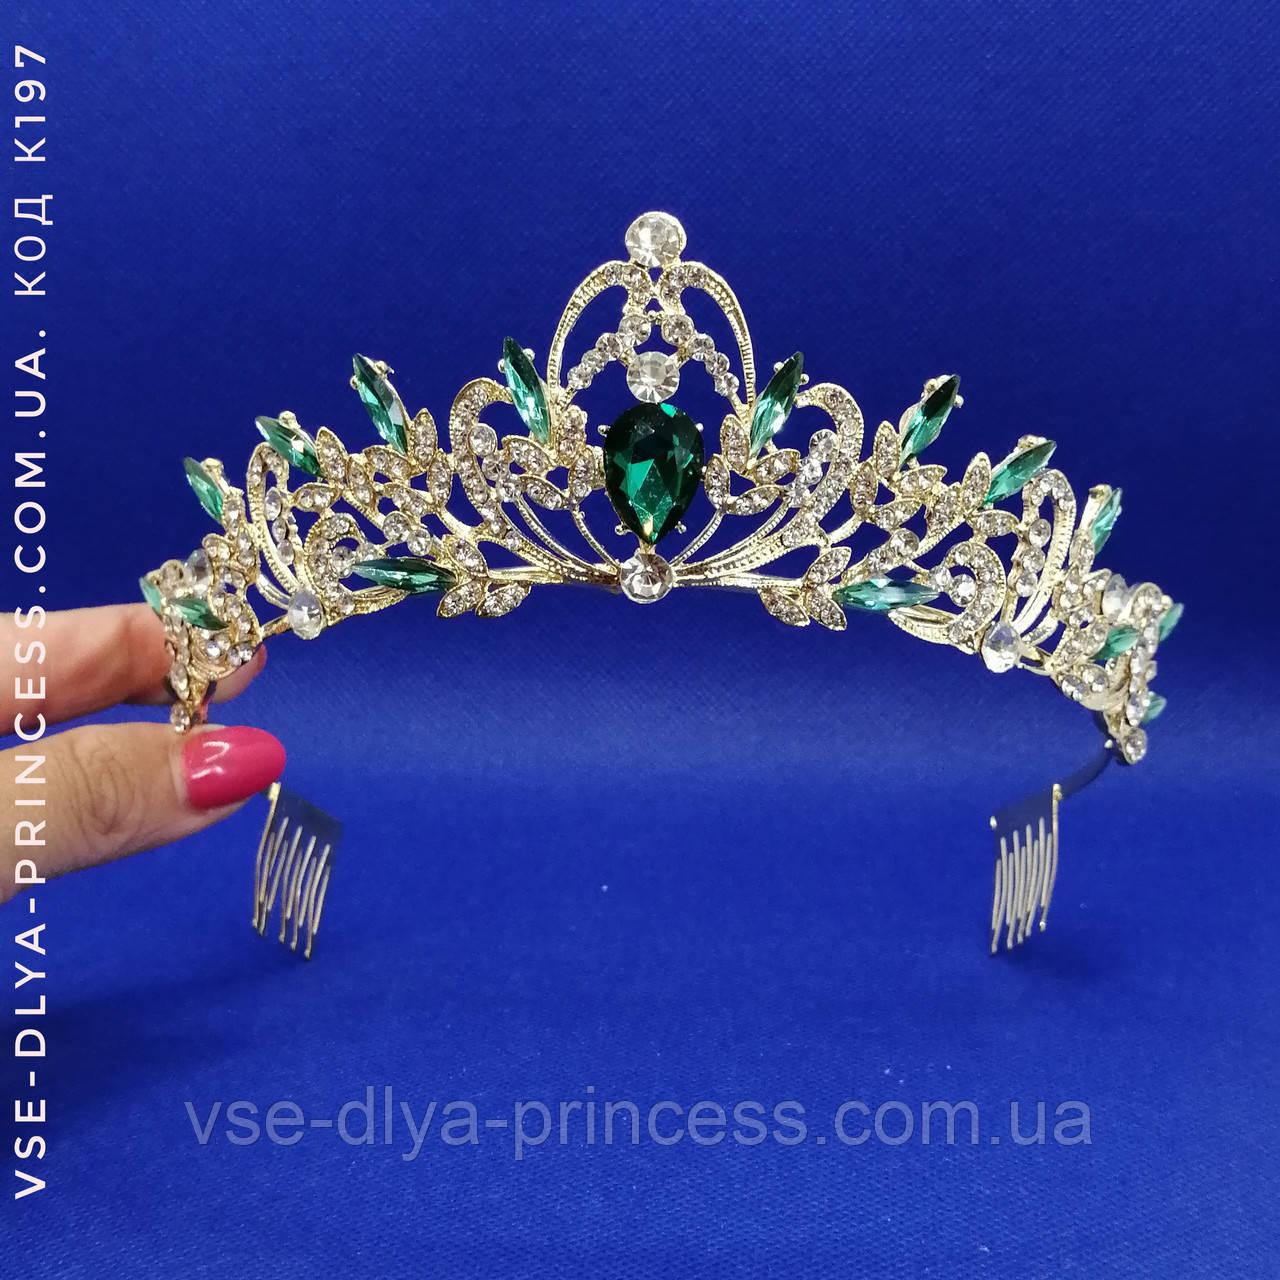 Діадема, корона під золото з зеленими каменями, висота 5 див.